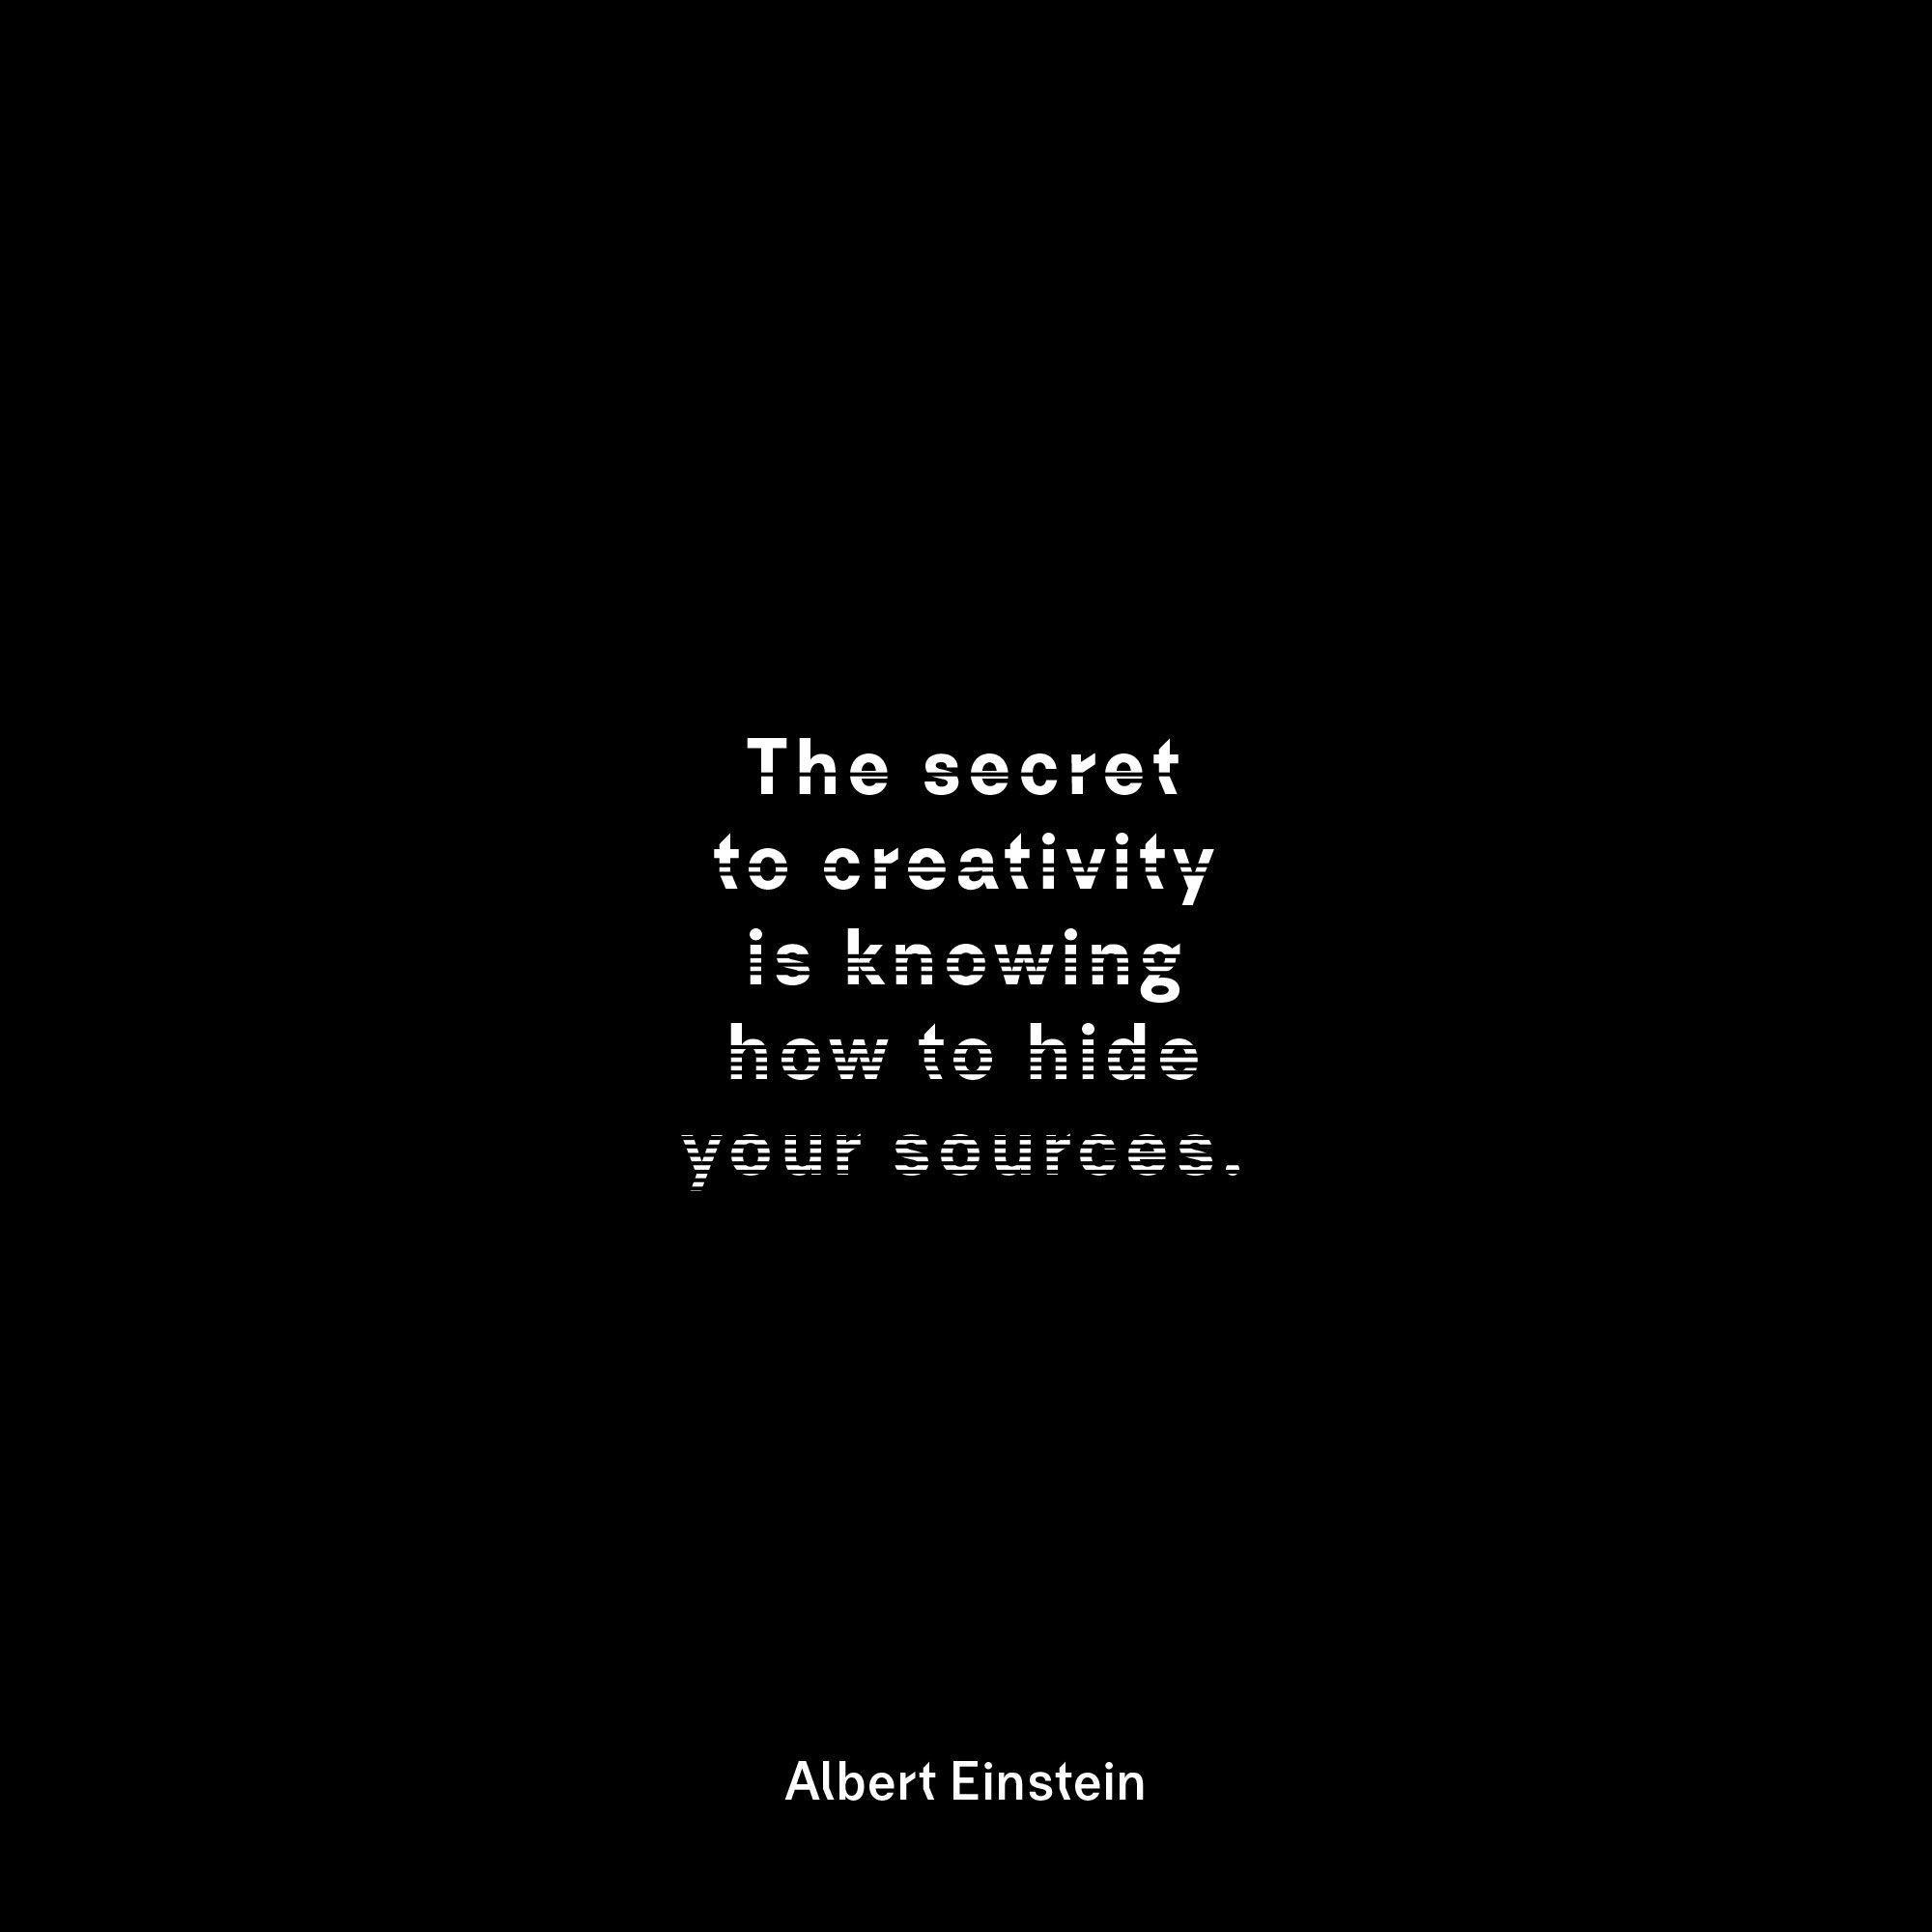 5 Design Quotes by Einstein, Thoreau, Michael Bierut